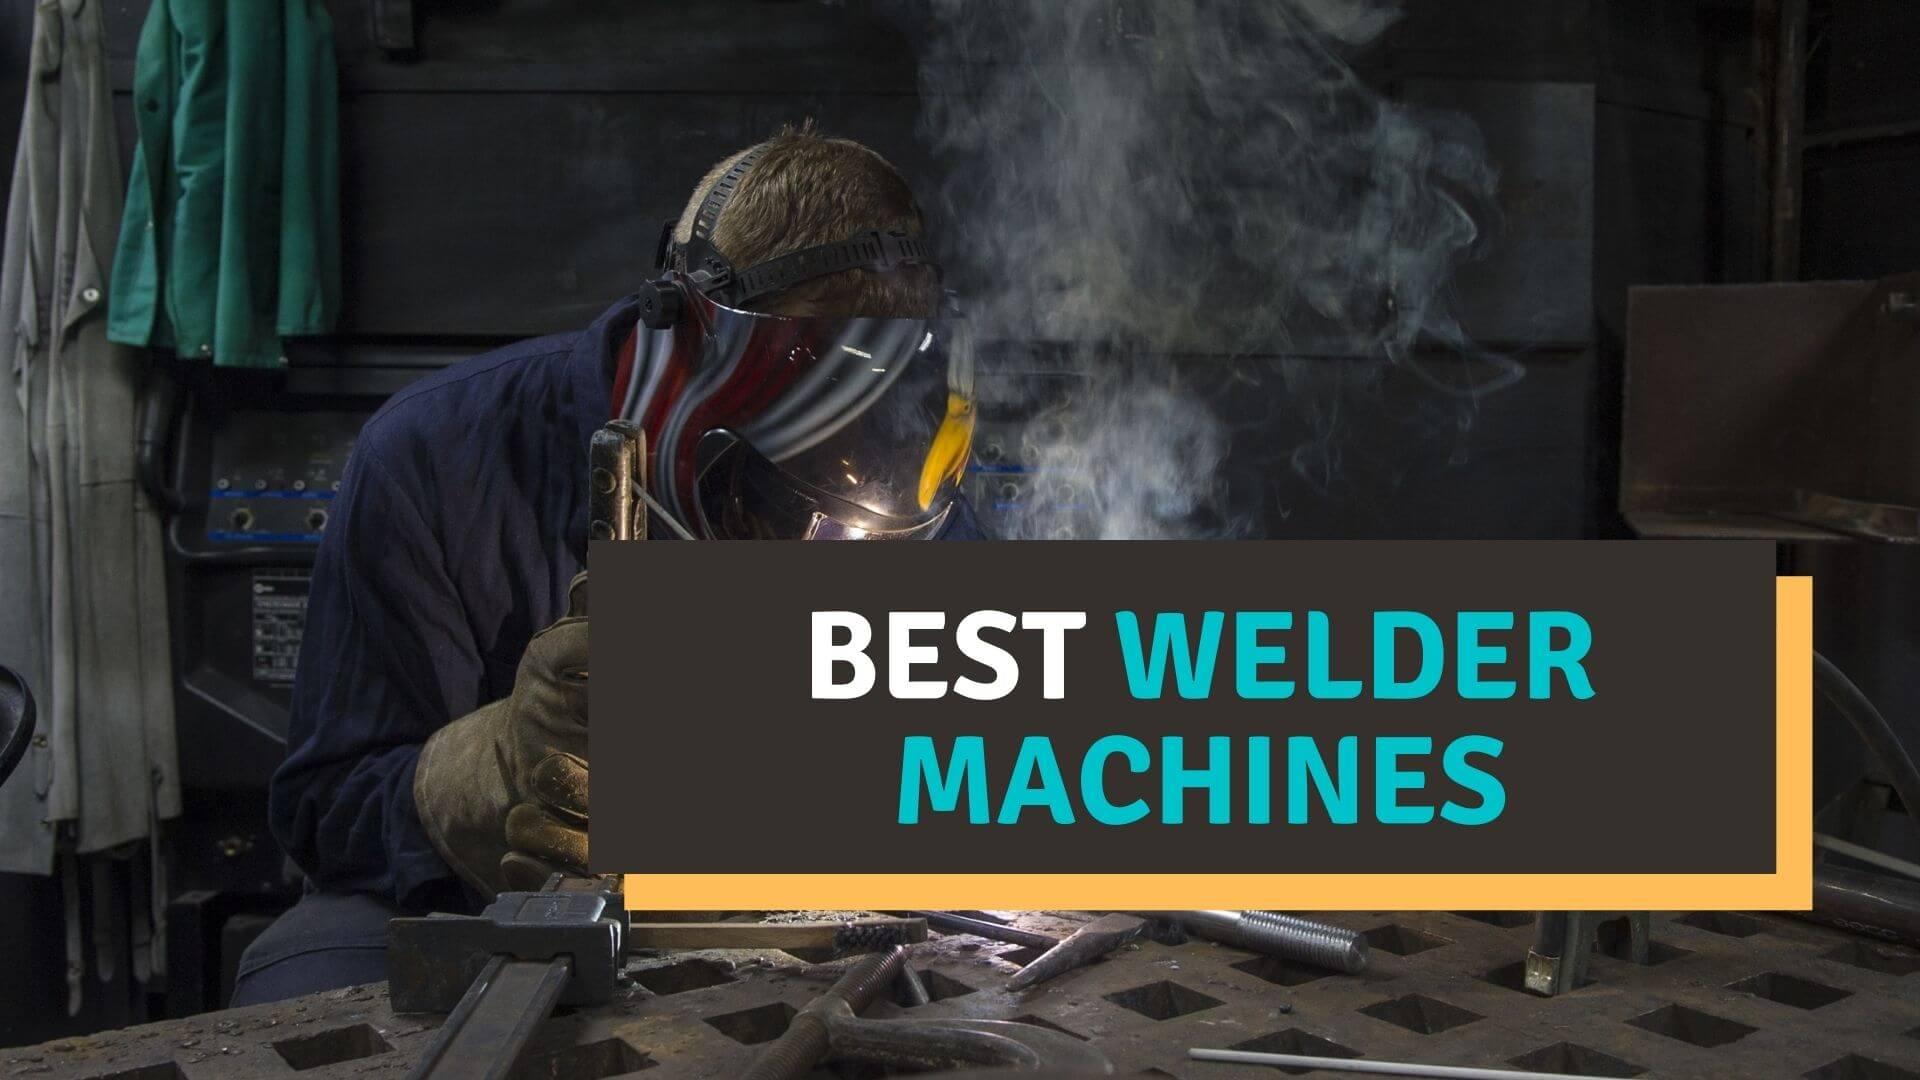 Best welder machines